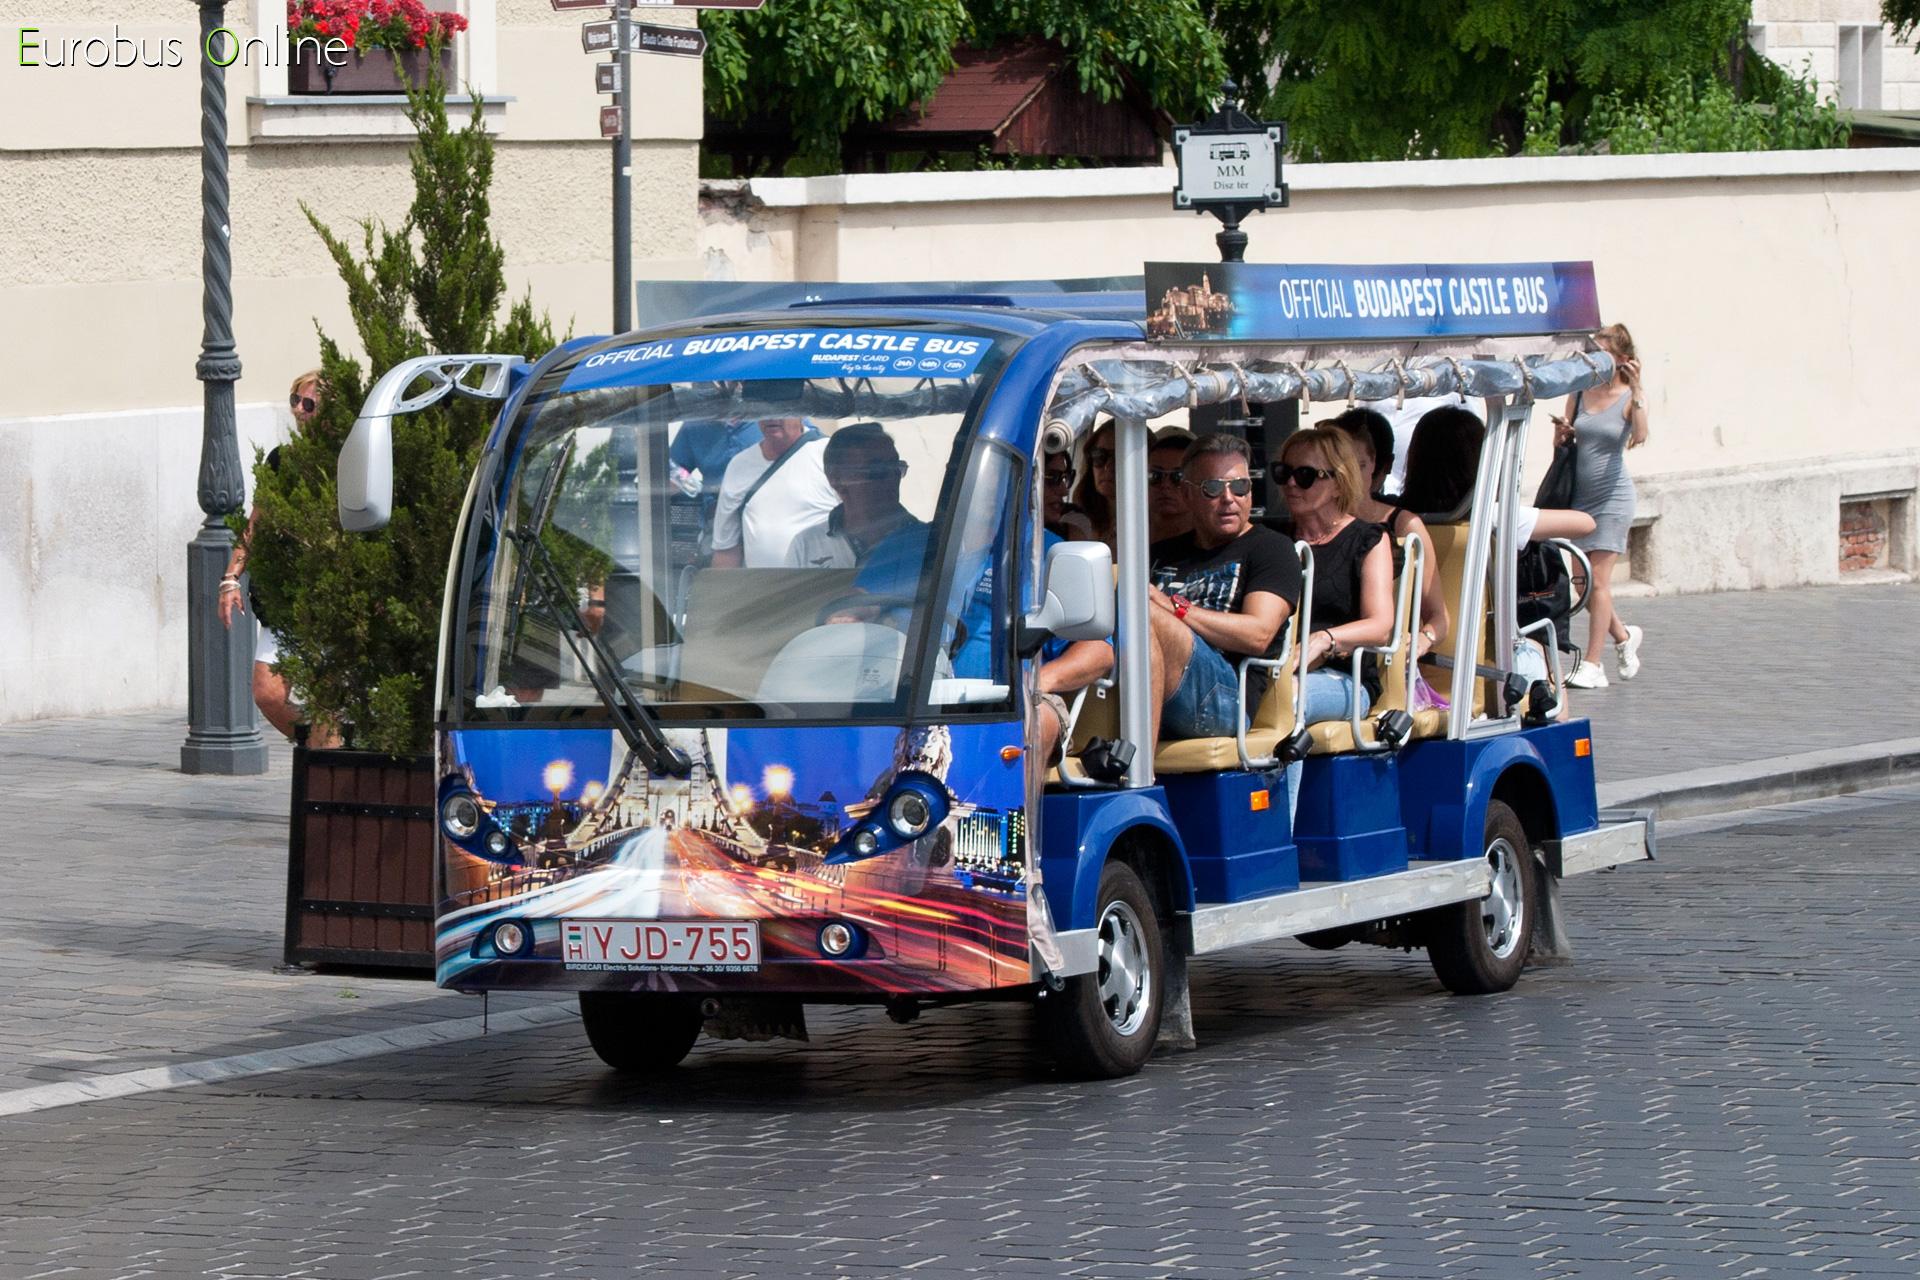 Dísz téren szintén, de egy 10 személyessel már 2019-ben. A hétvégi 'csúcsban' majd minden kocsi teli közlekedik már.